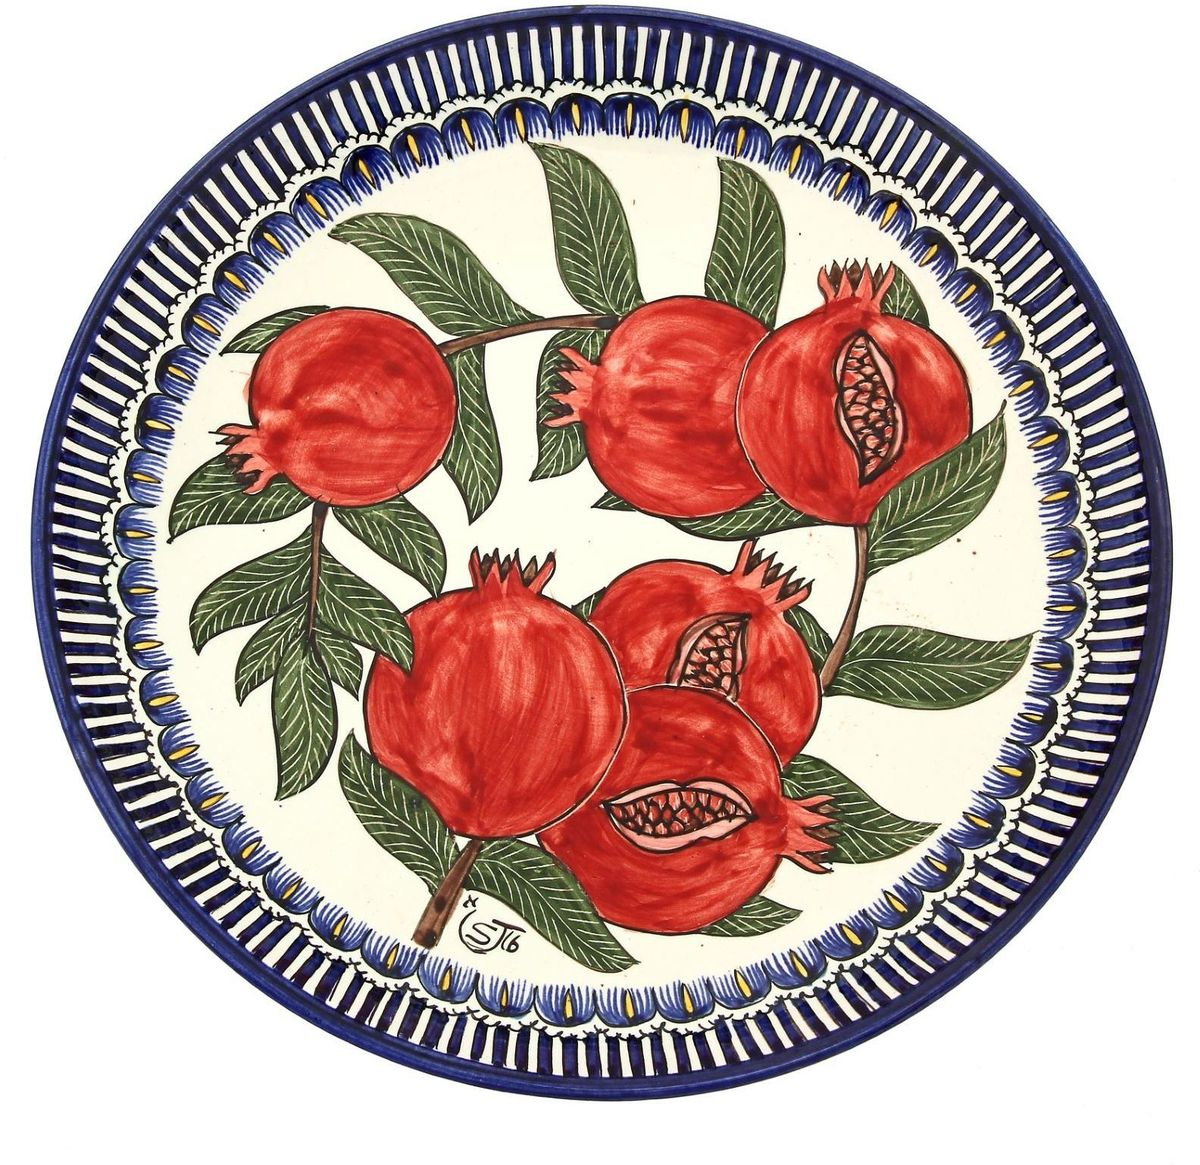 Ляган — это не просто обеденный атрибут, это украшение стола. Посуда с национальной росписью станет отменным подарком для ценителей высокородной посуды.Риштан — город на востоке Узбекистана, один из древнейших в Ферганской долине. С давних времён Риштан славится своим гончарным искусством изготовления цветной керамики. Красноватую глину для изделия добывают в самом городе. Мастера утверждают, что их глина настолько высокого качества, что даже не нуждается в предварительной обработке. Дополните коллекцию кухонных аксессуаров пряными восточными нотами.